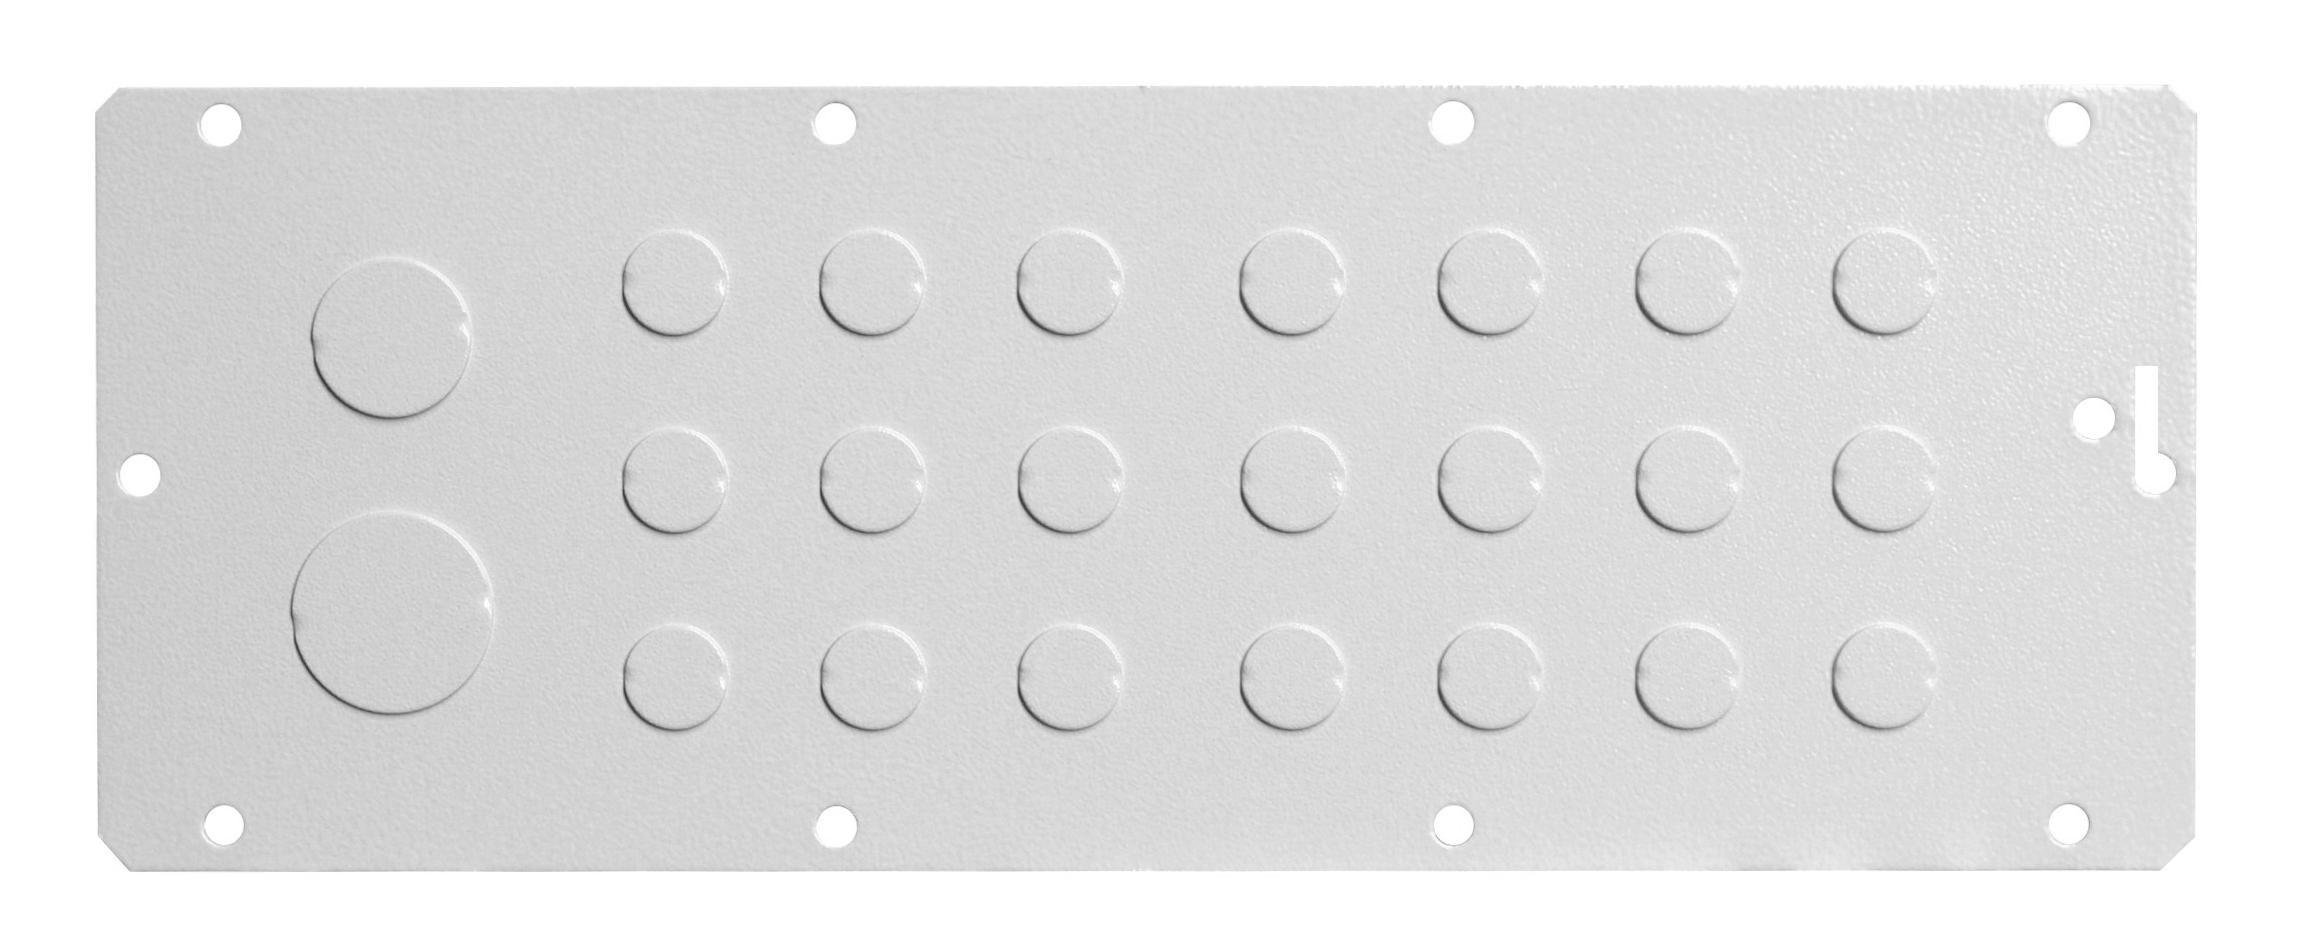 1 Stk Flansch 310x96, Ausprägung 21xM16, 1xM32, 1xM25 WSFA0022--